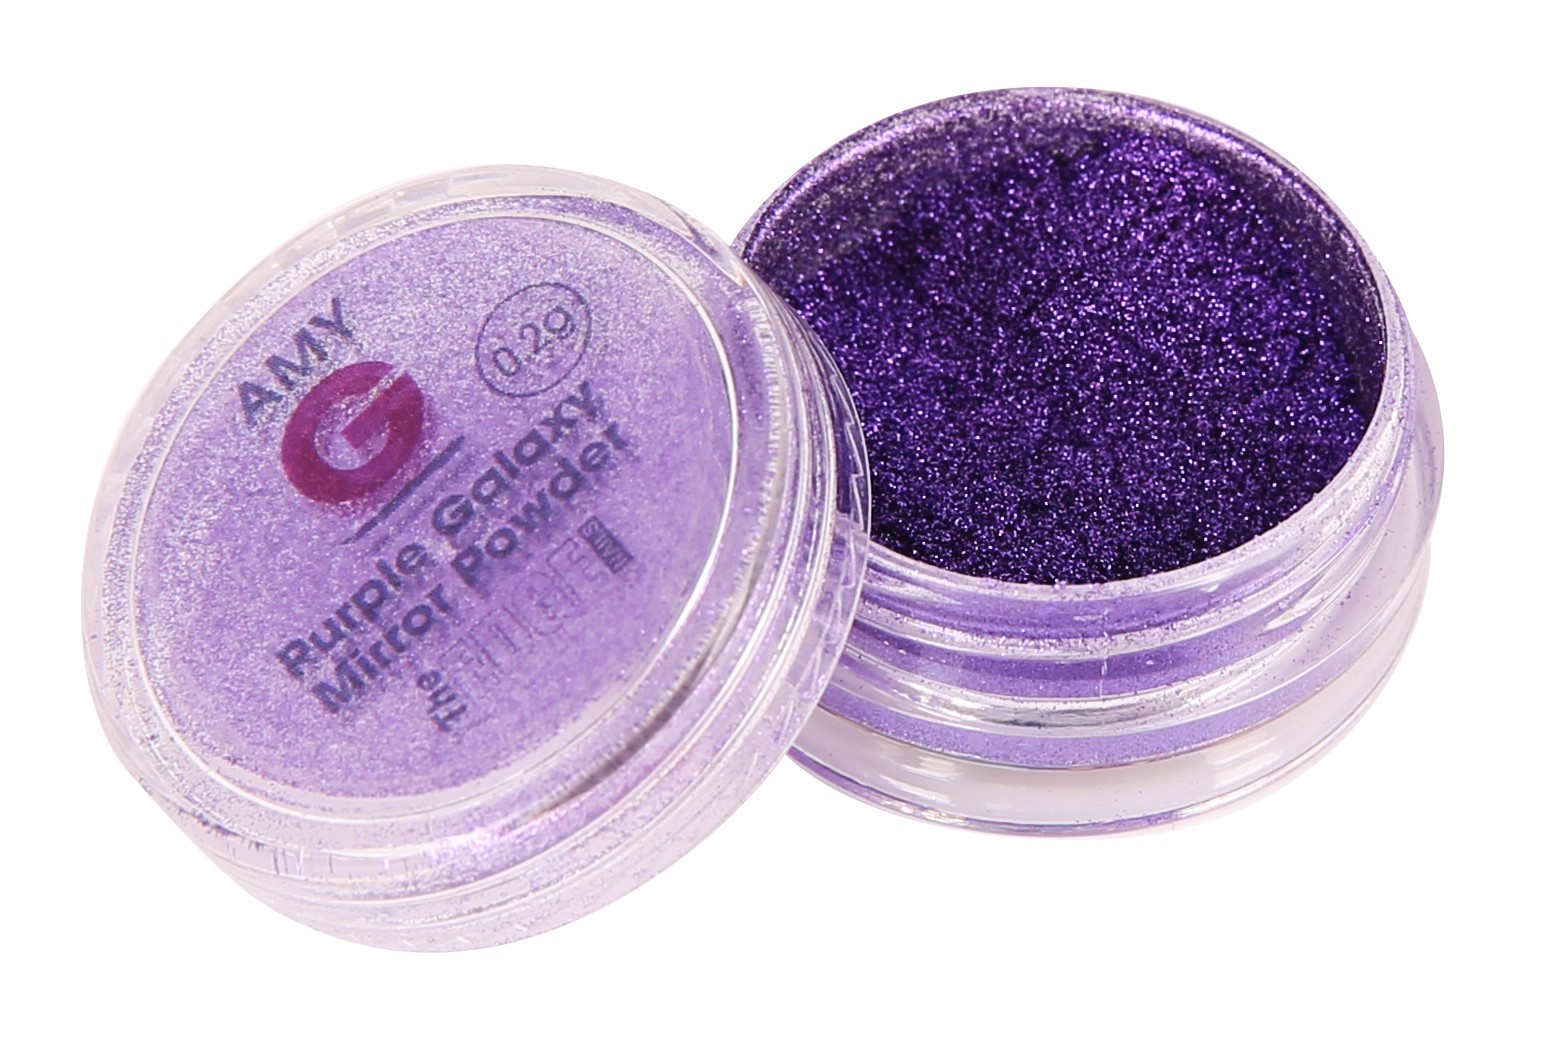 30_03_095_-_purple_galaxy_mirror_powder